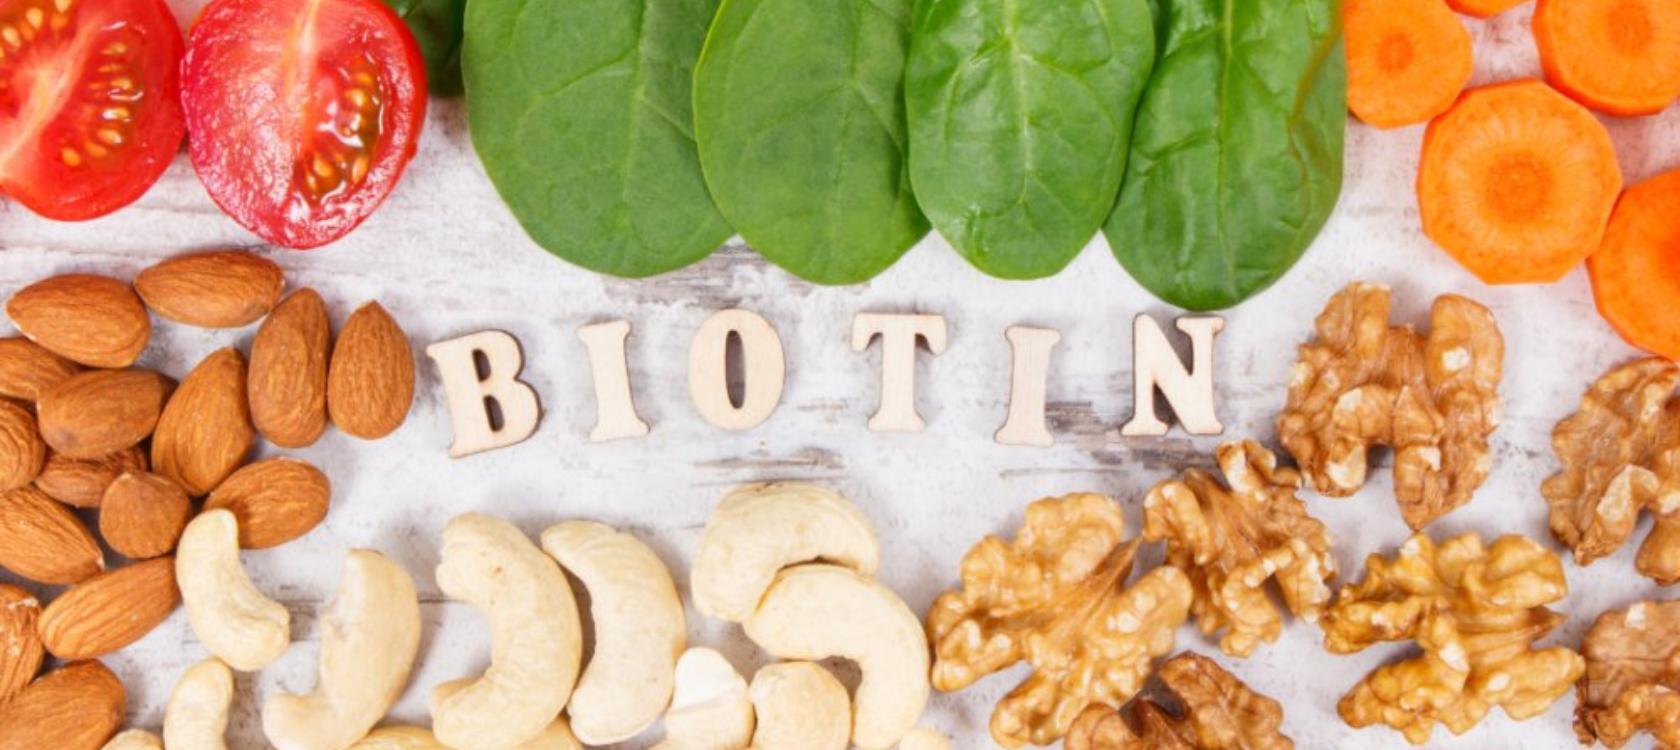 Витамин Н (биотин, витамин В7): что это такое, в каких продуктах содержится и для чего нужен организму?